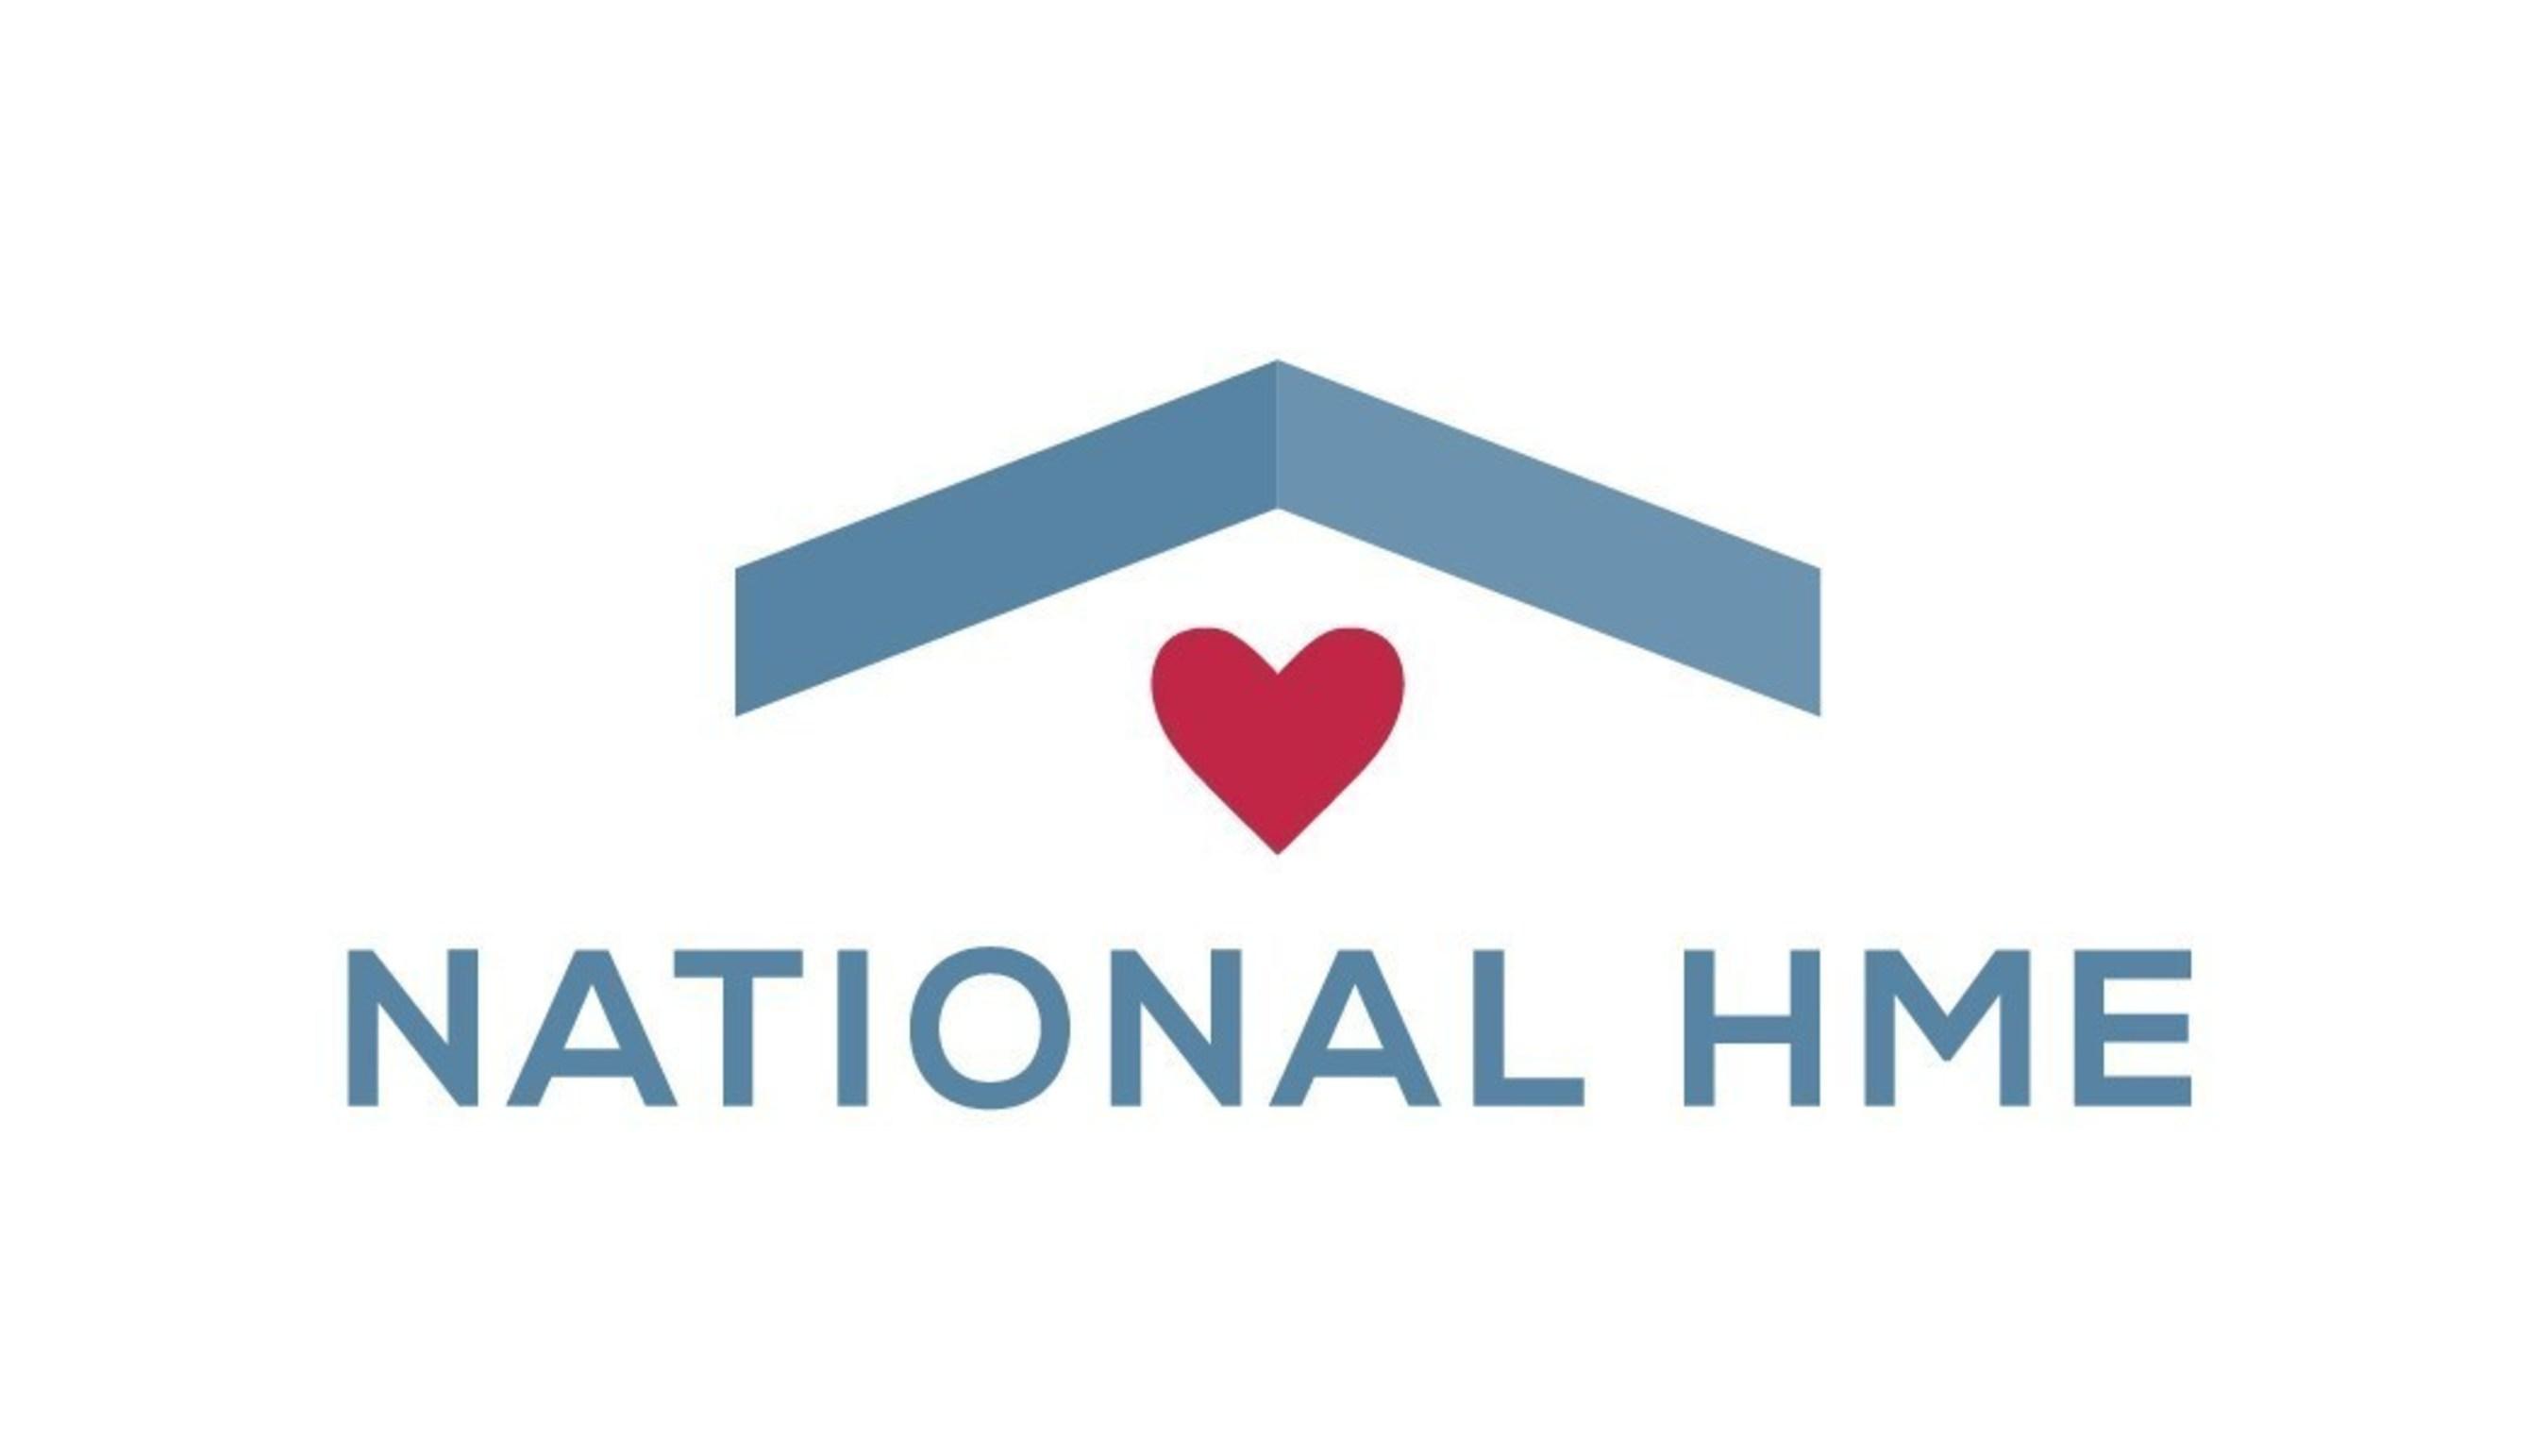 National HME, Inc. www.nationalhme.com